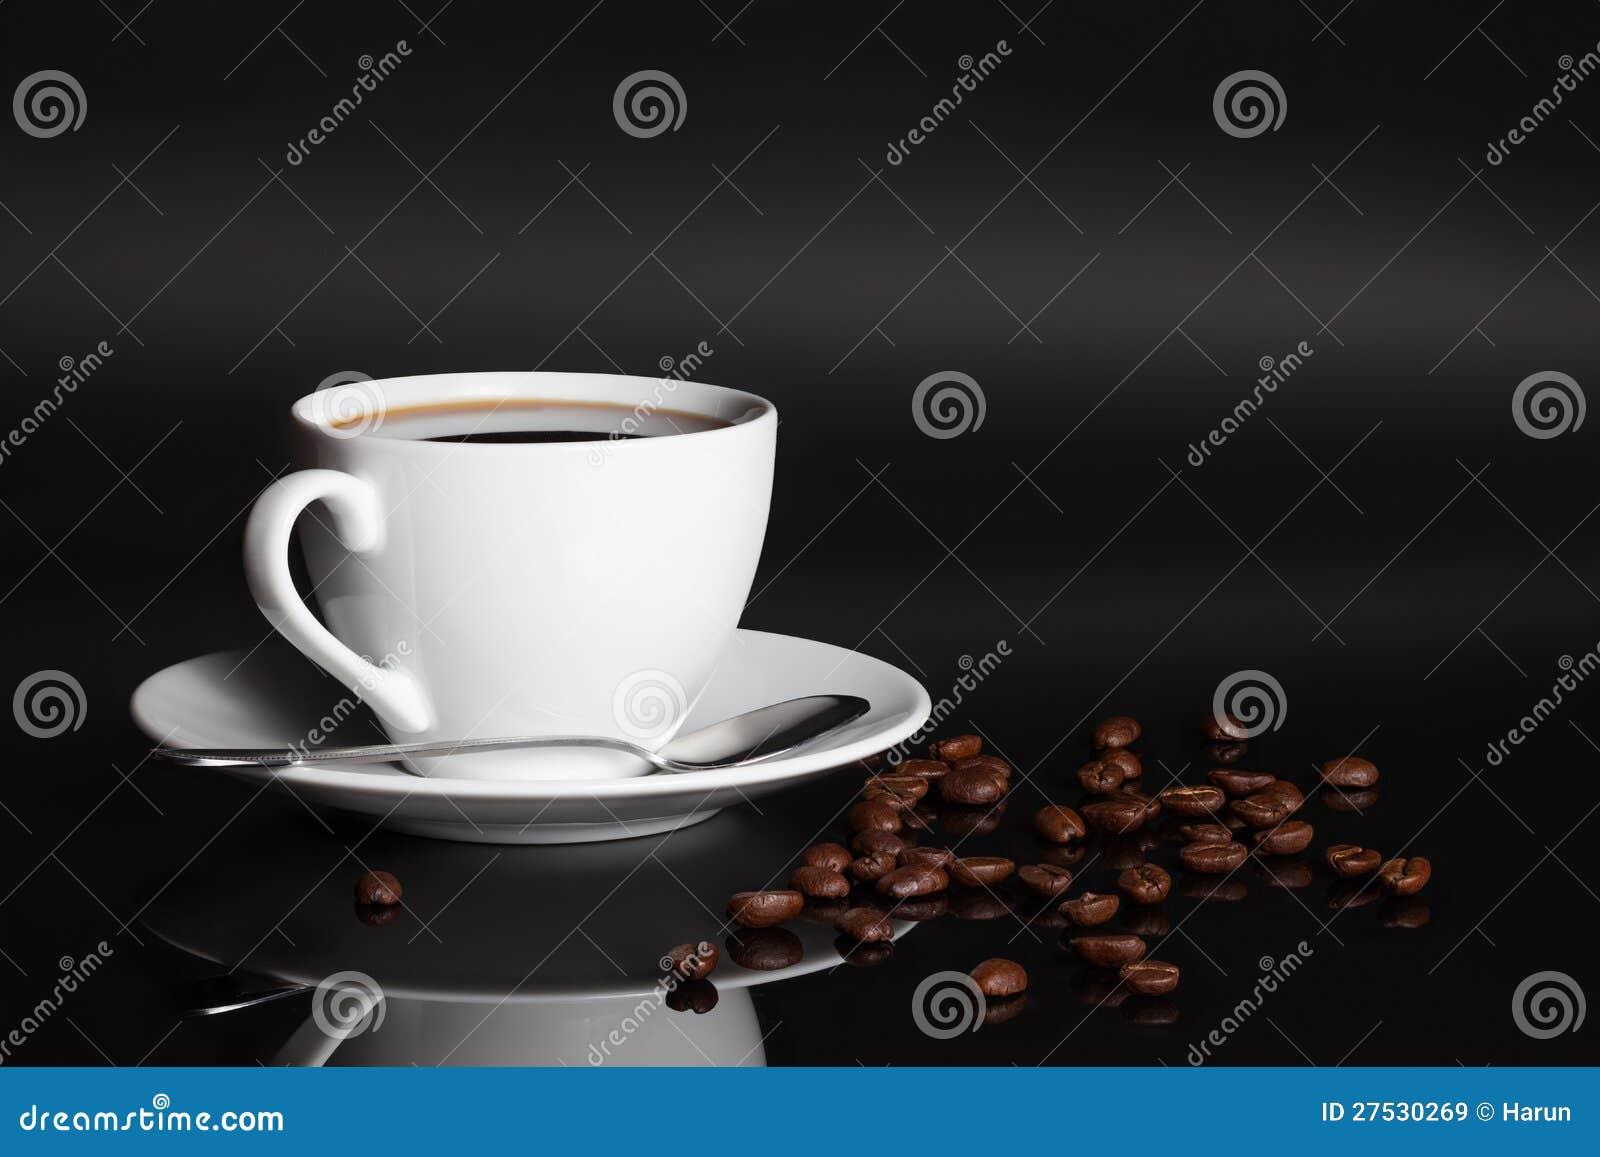 Chávena de café com feijões